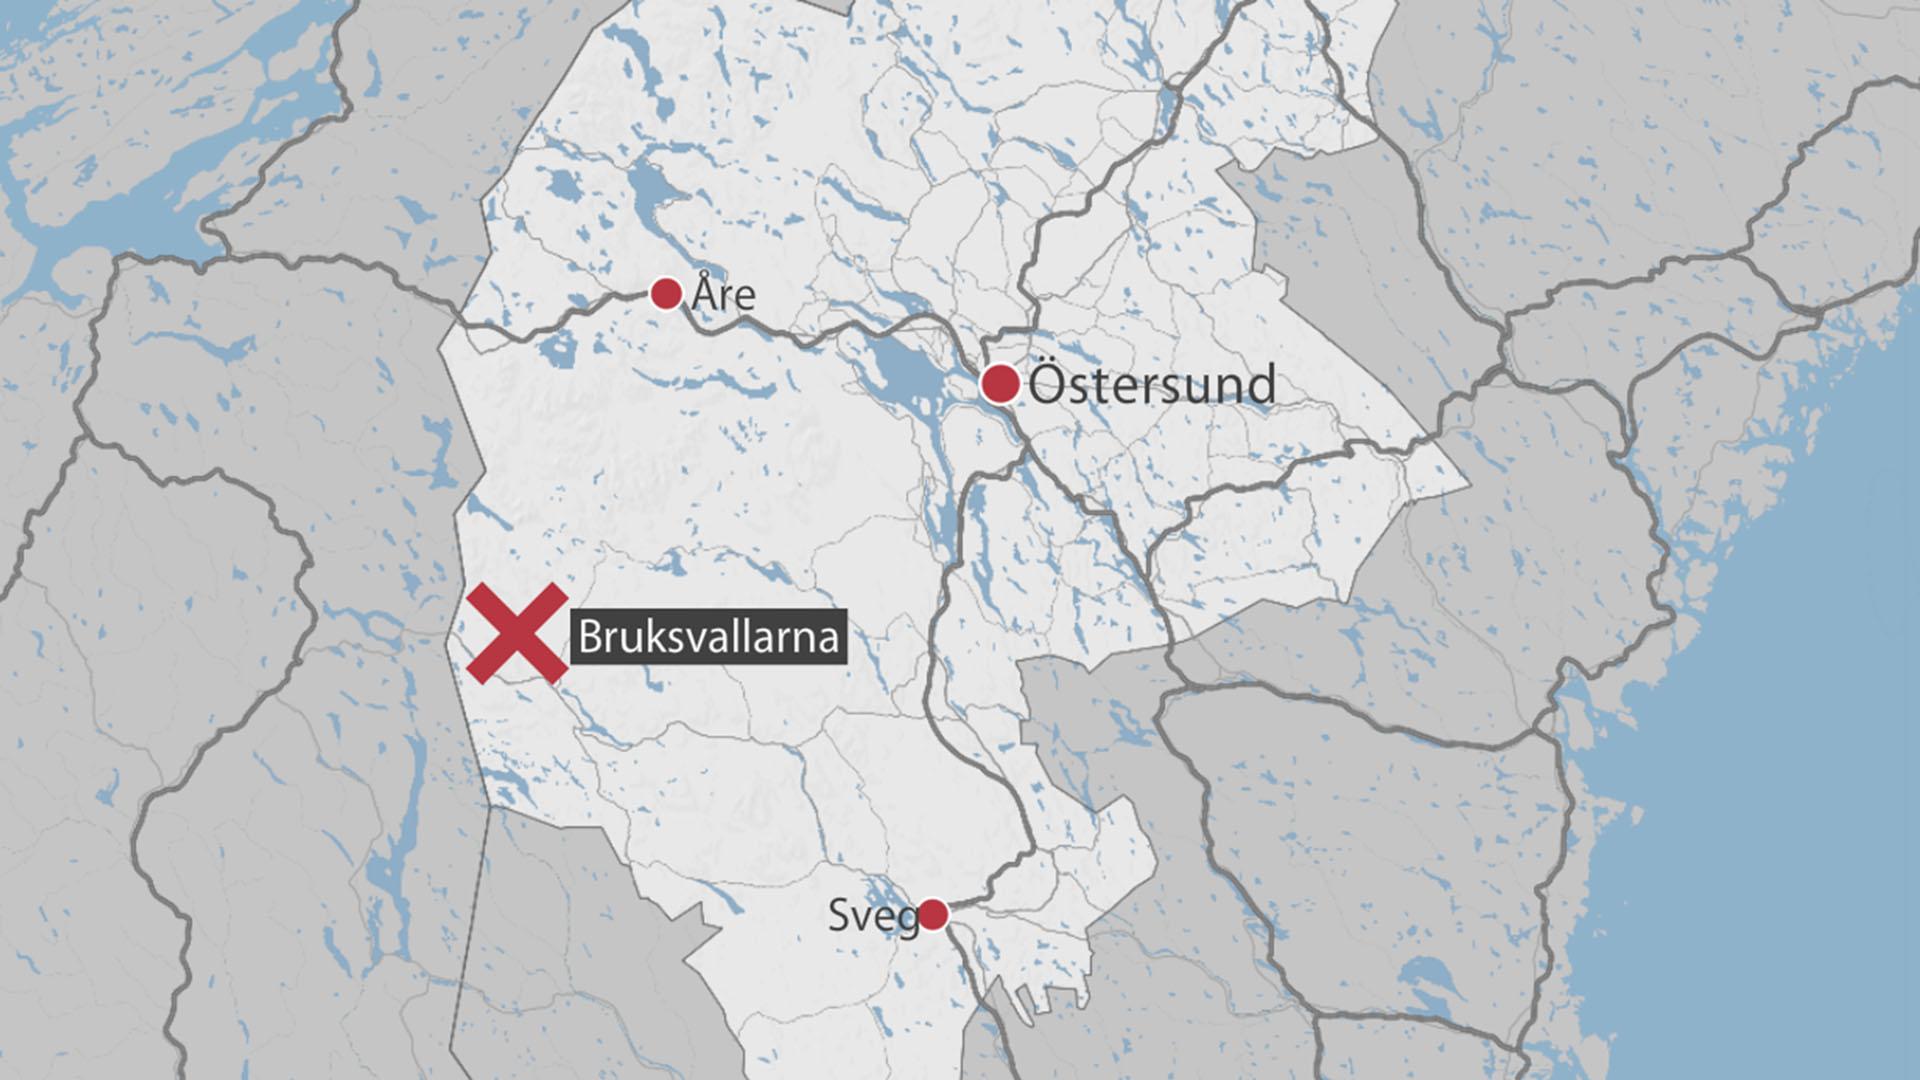 karta över bruksvallarna Man omkom i Bruksvallarna – fick ved över sig | SVT Nyheter karta över bruksvallarna